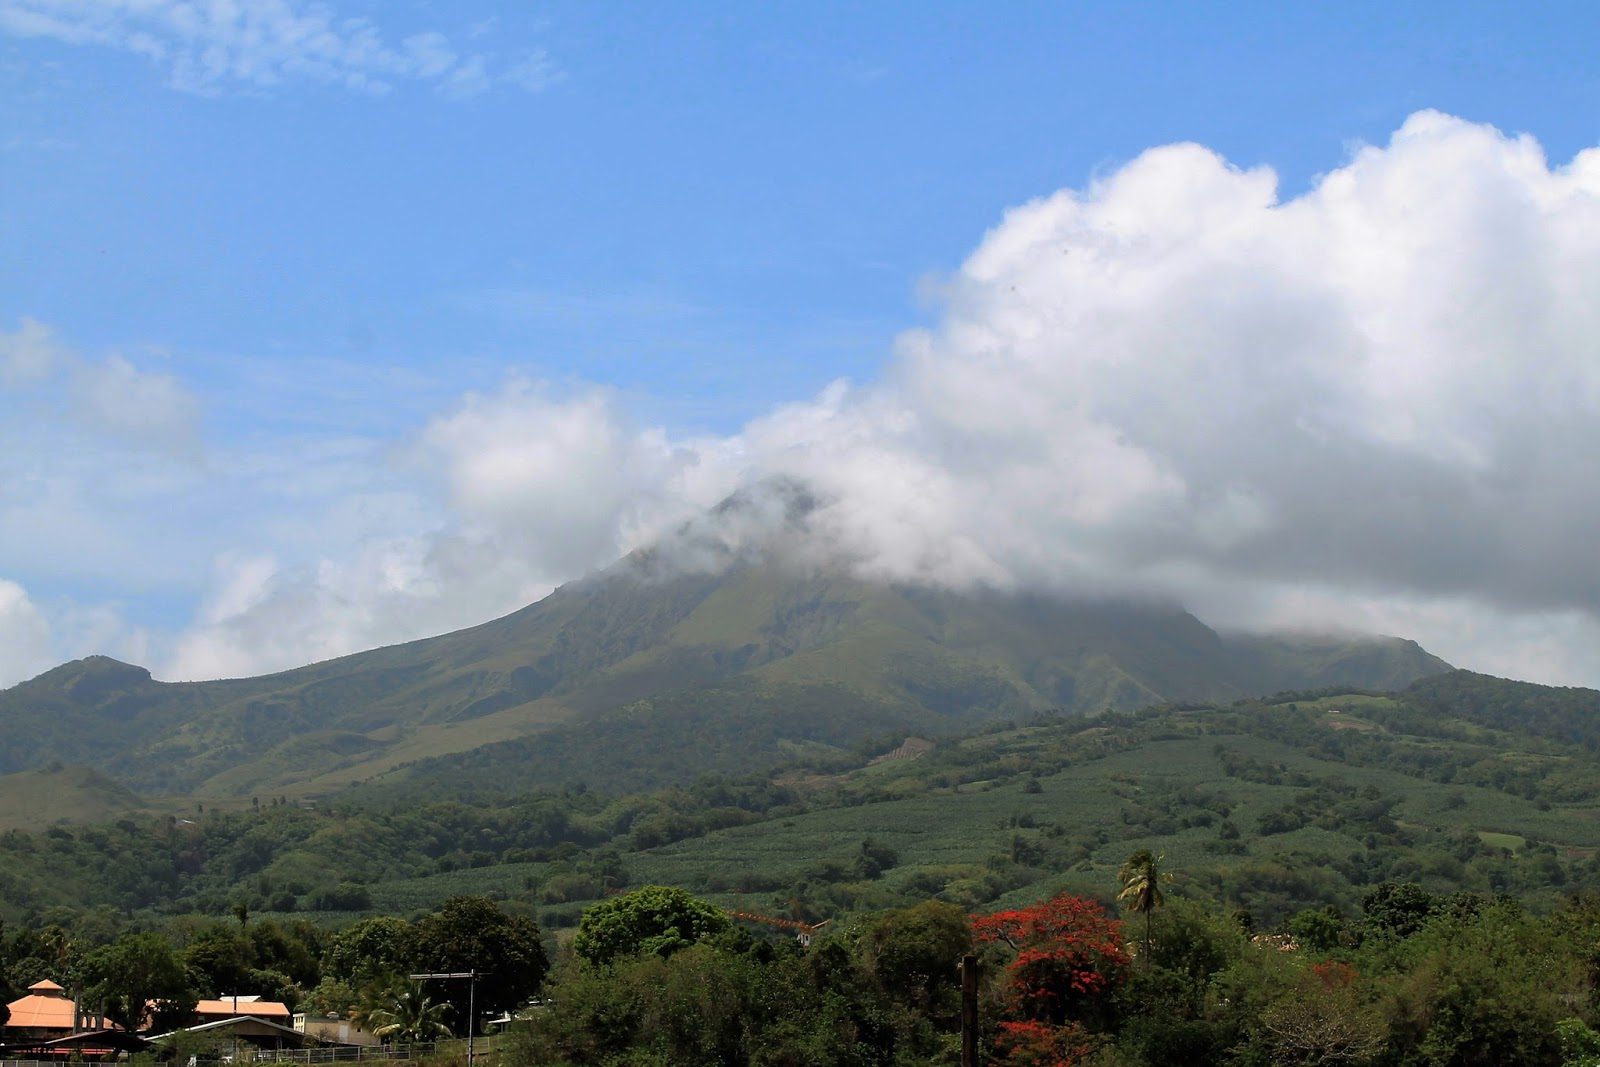 martinique caraibes vacances île dom tom visite montagne pelée saint pierre volcan